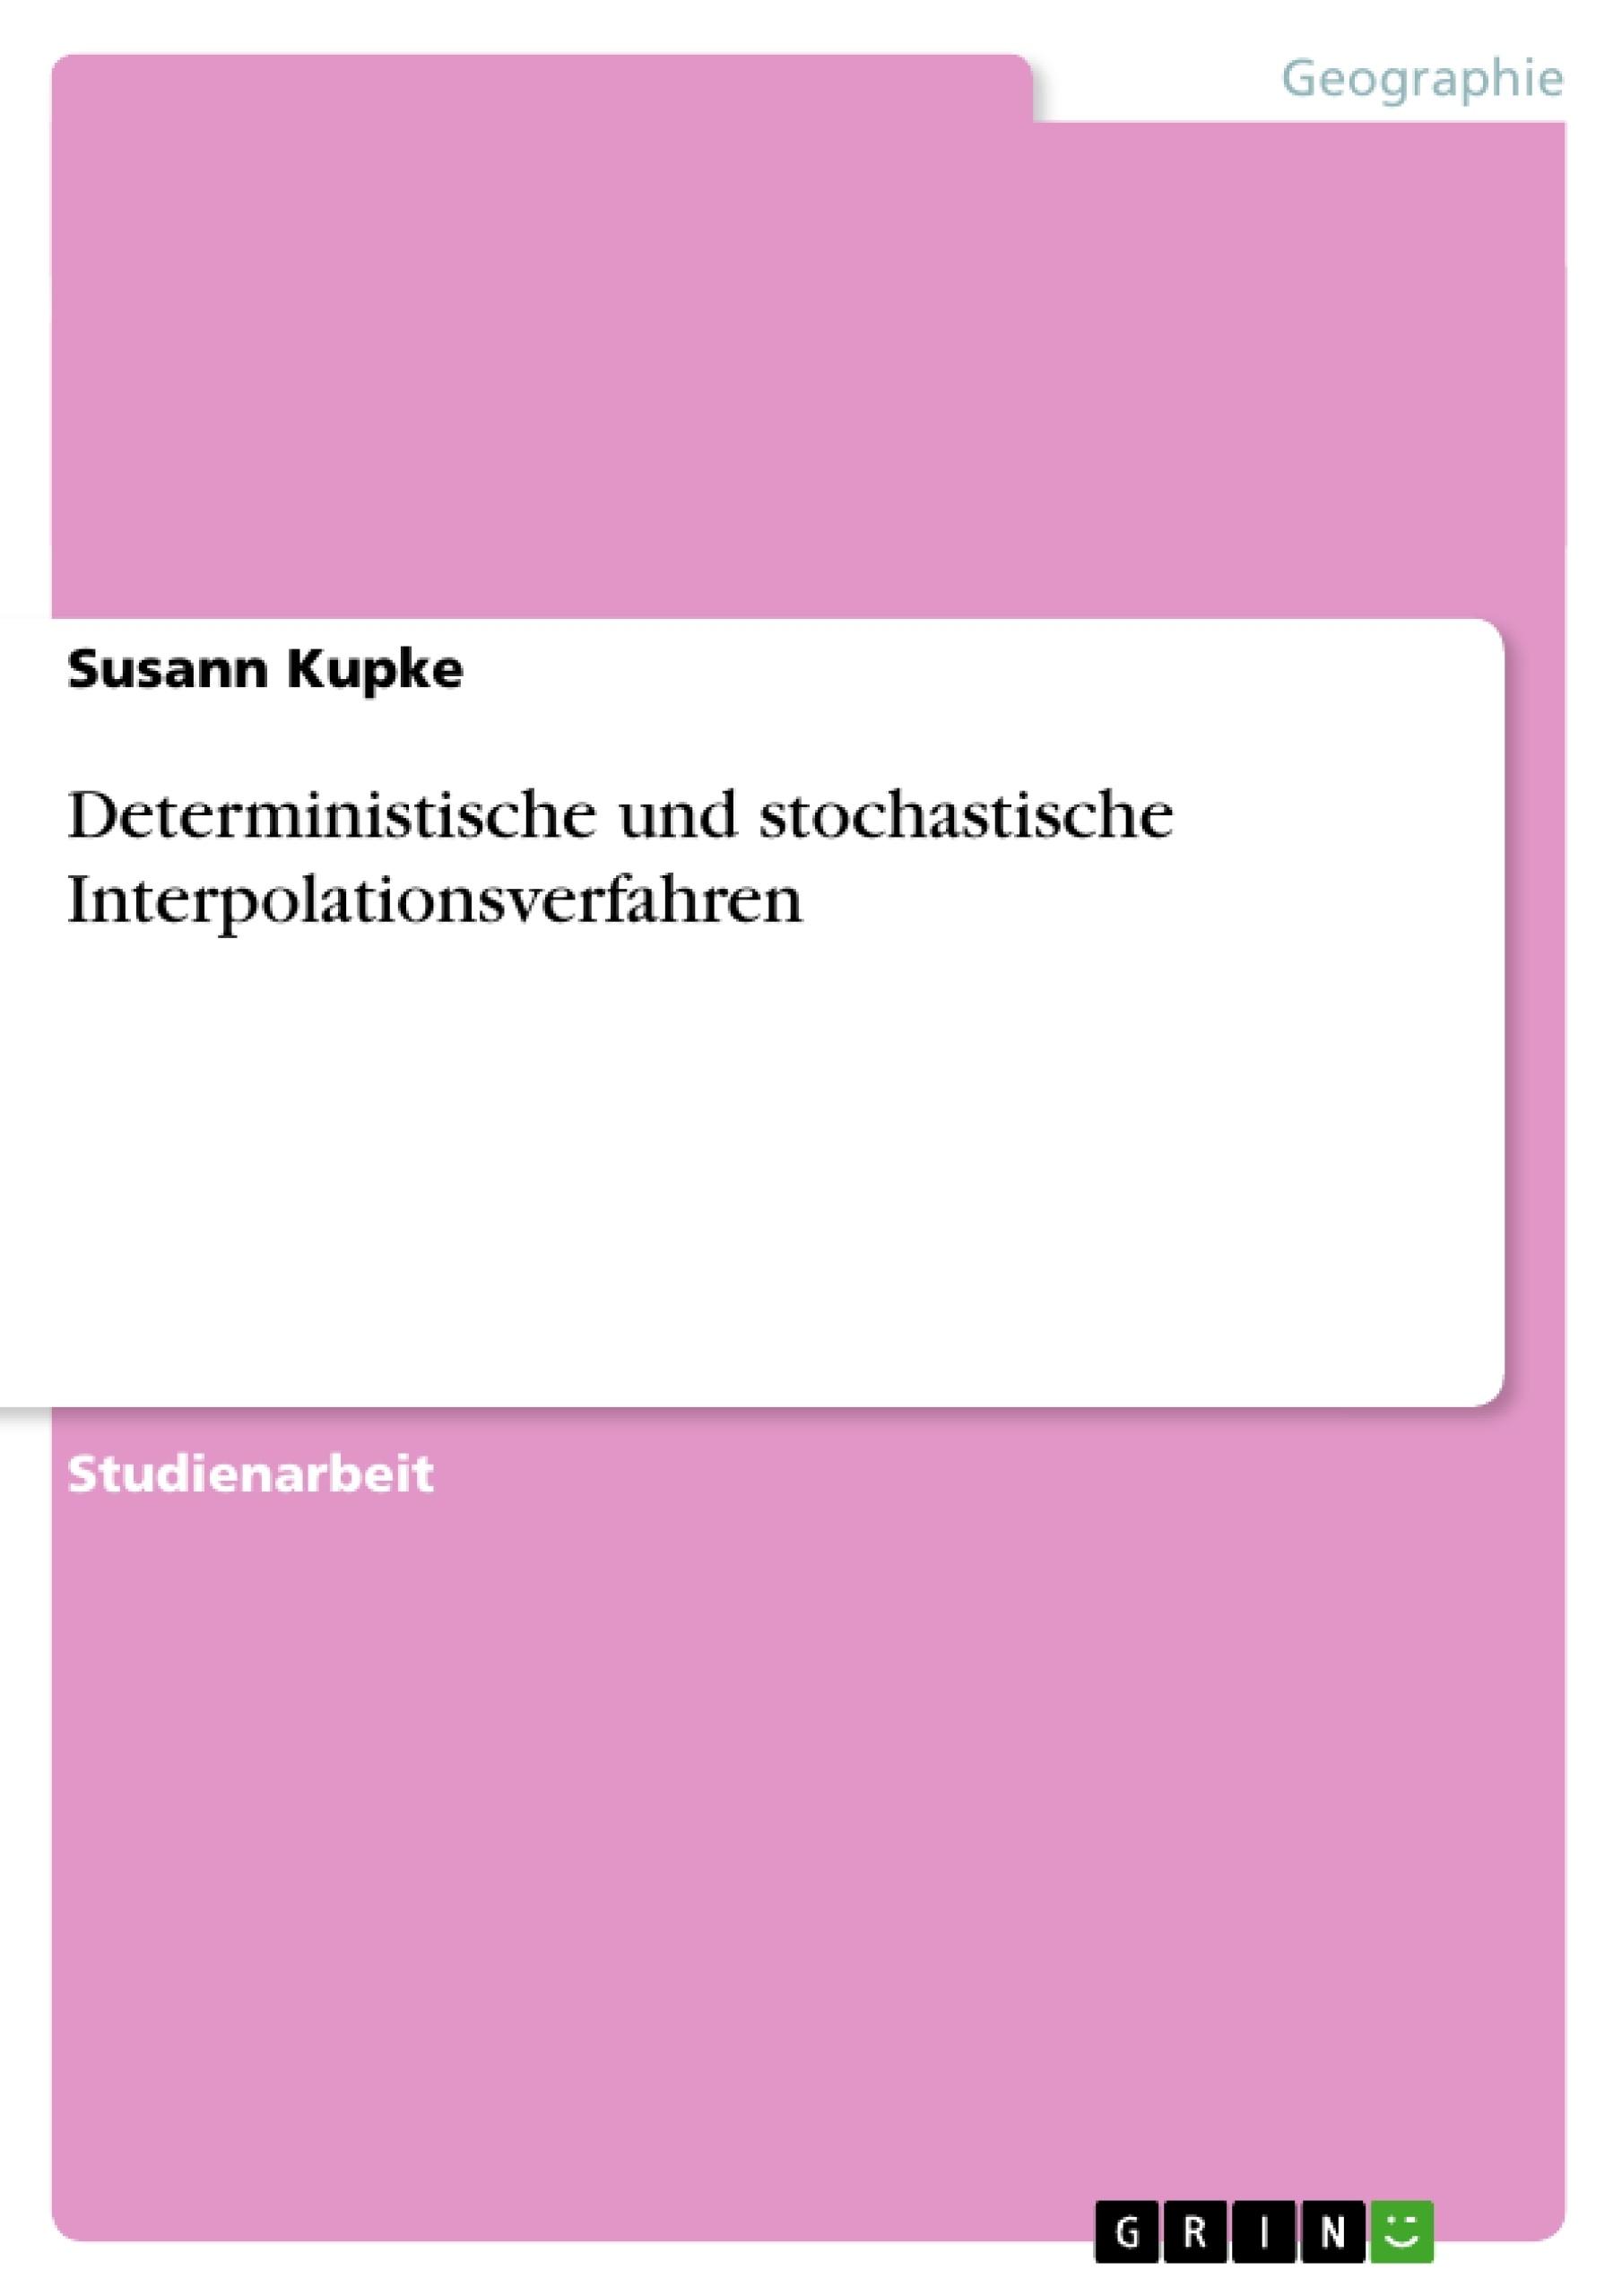 Titel: Deterministische und stochastische Interpolationsverfahren